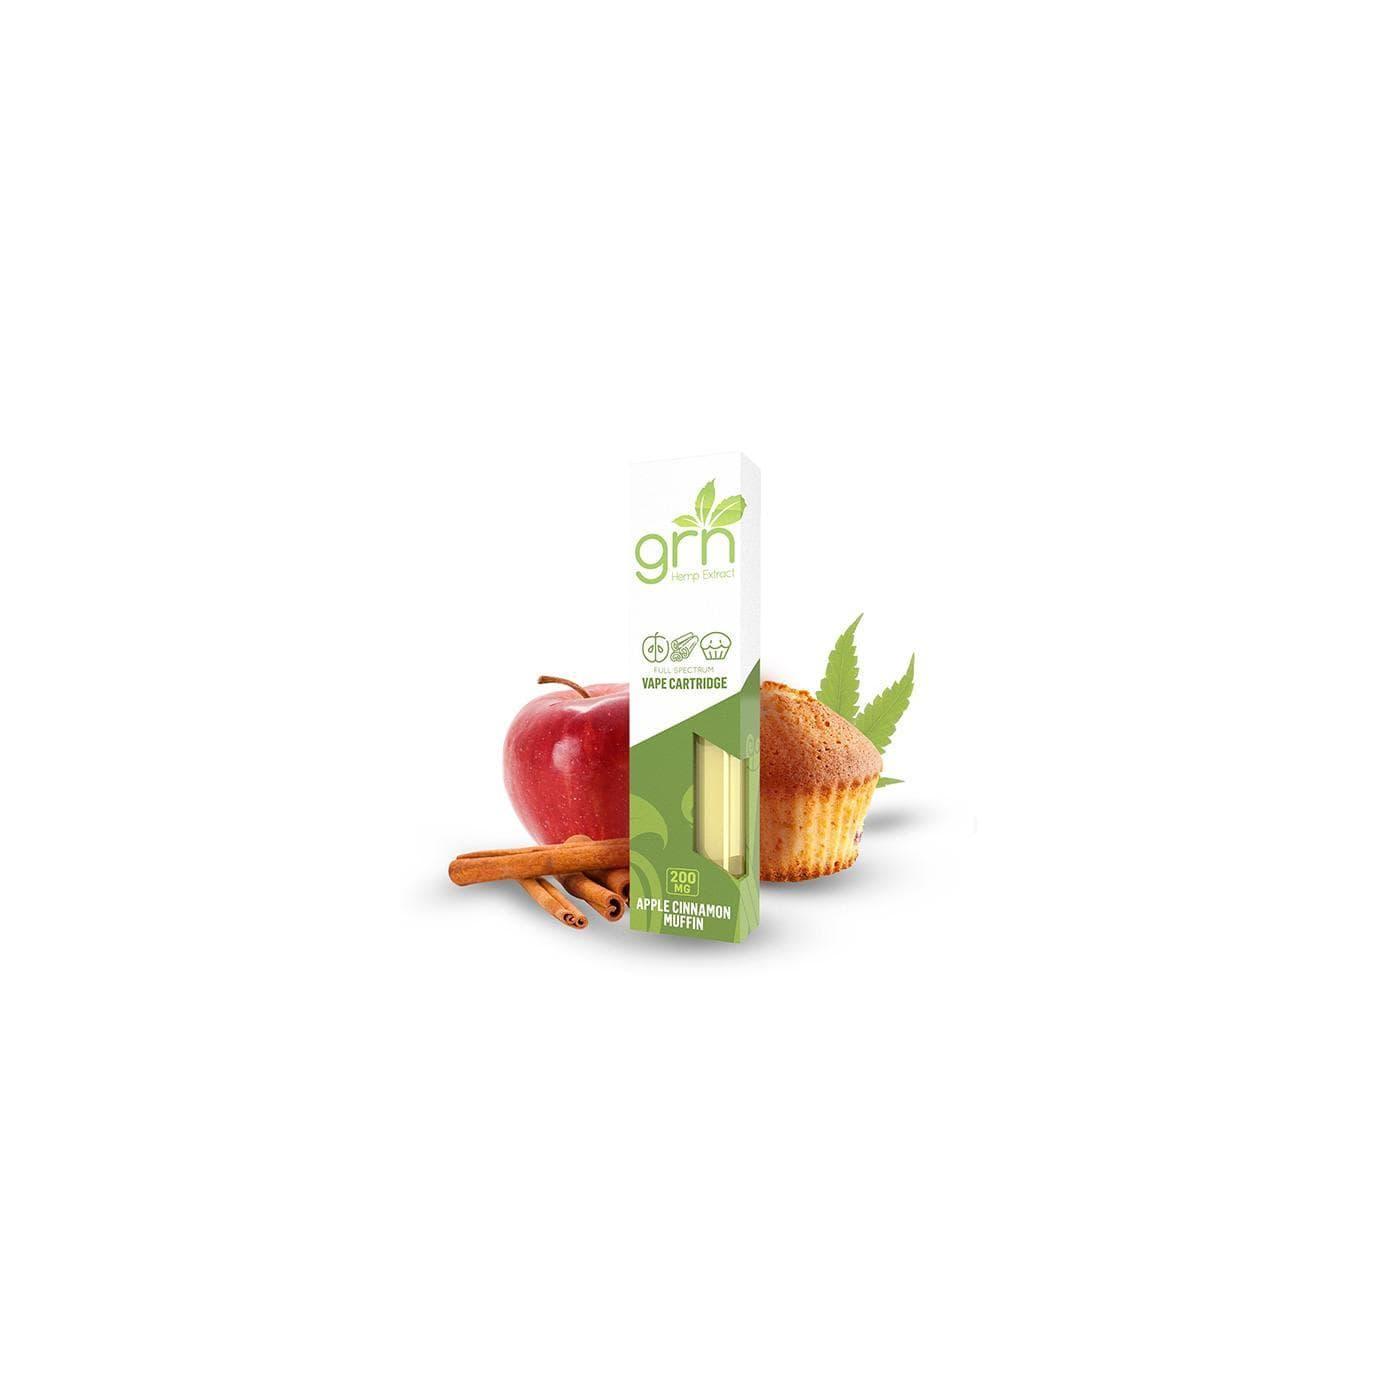 GRN Cinnamon Apple Vape Cartridge